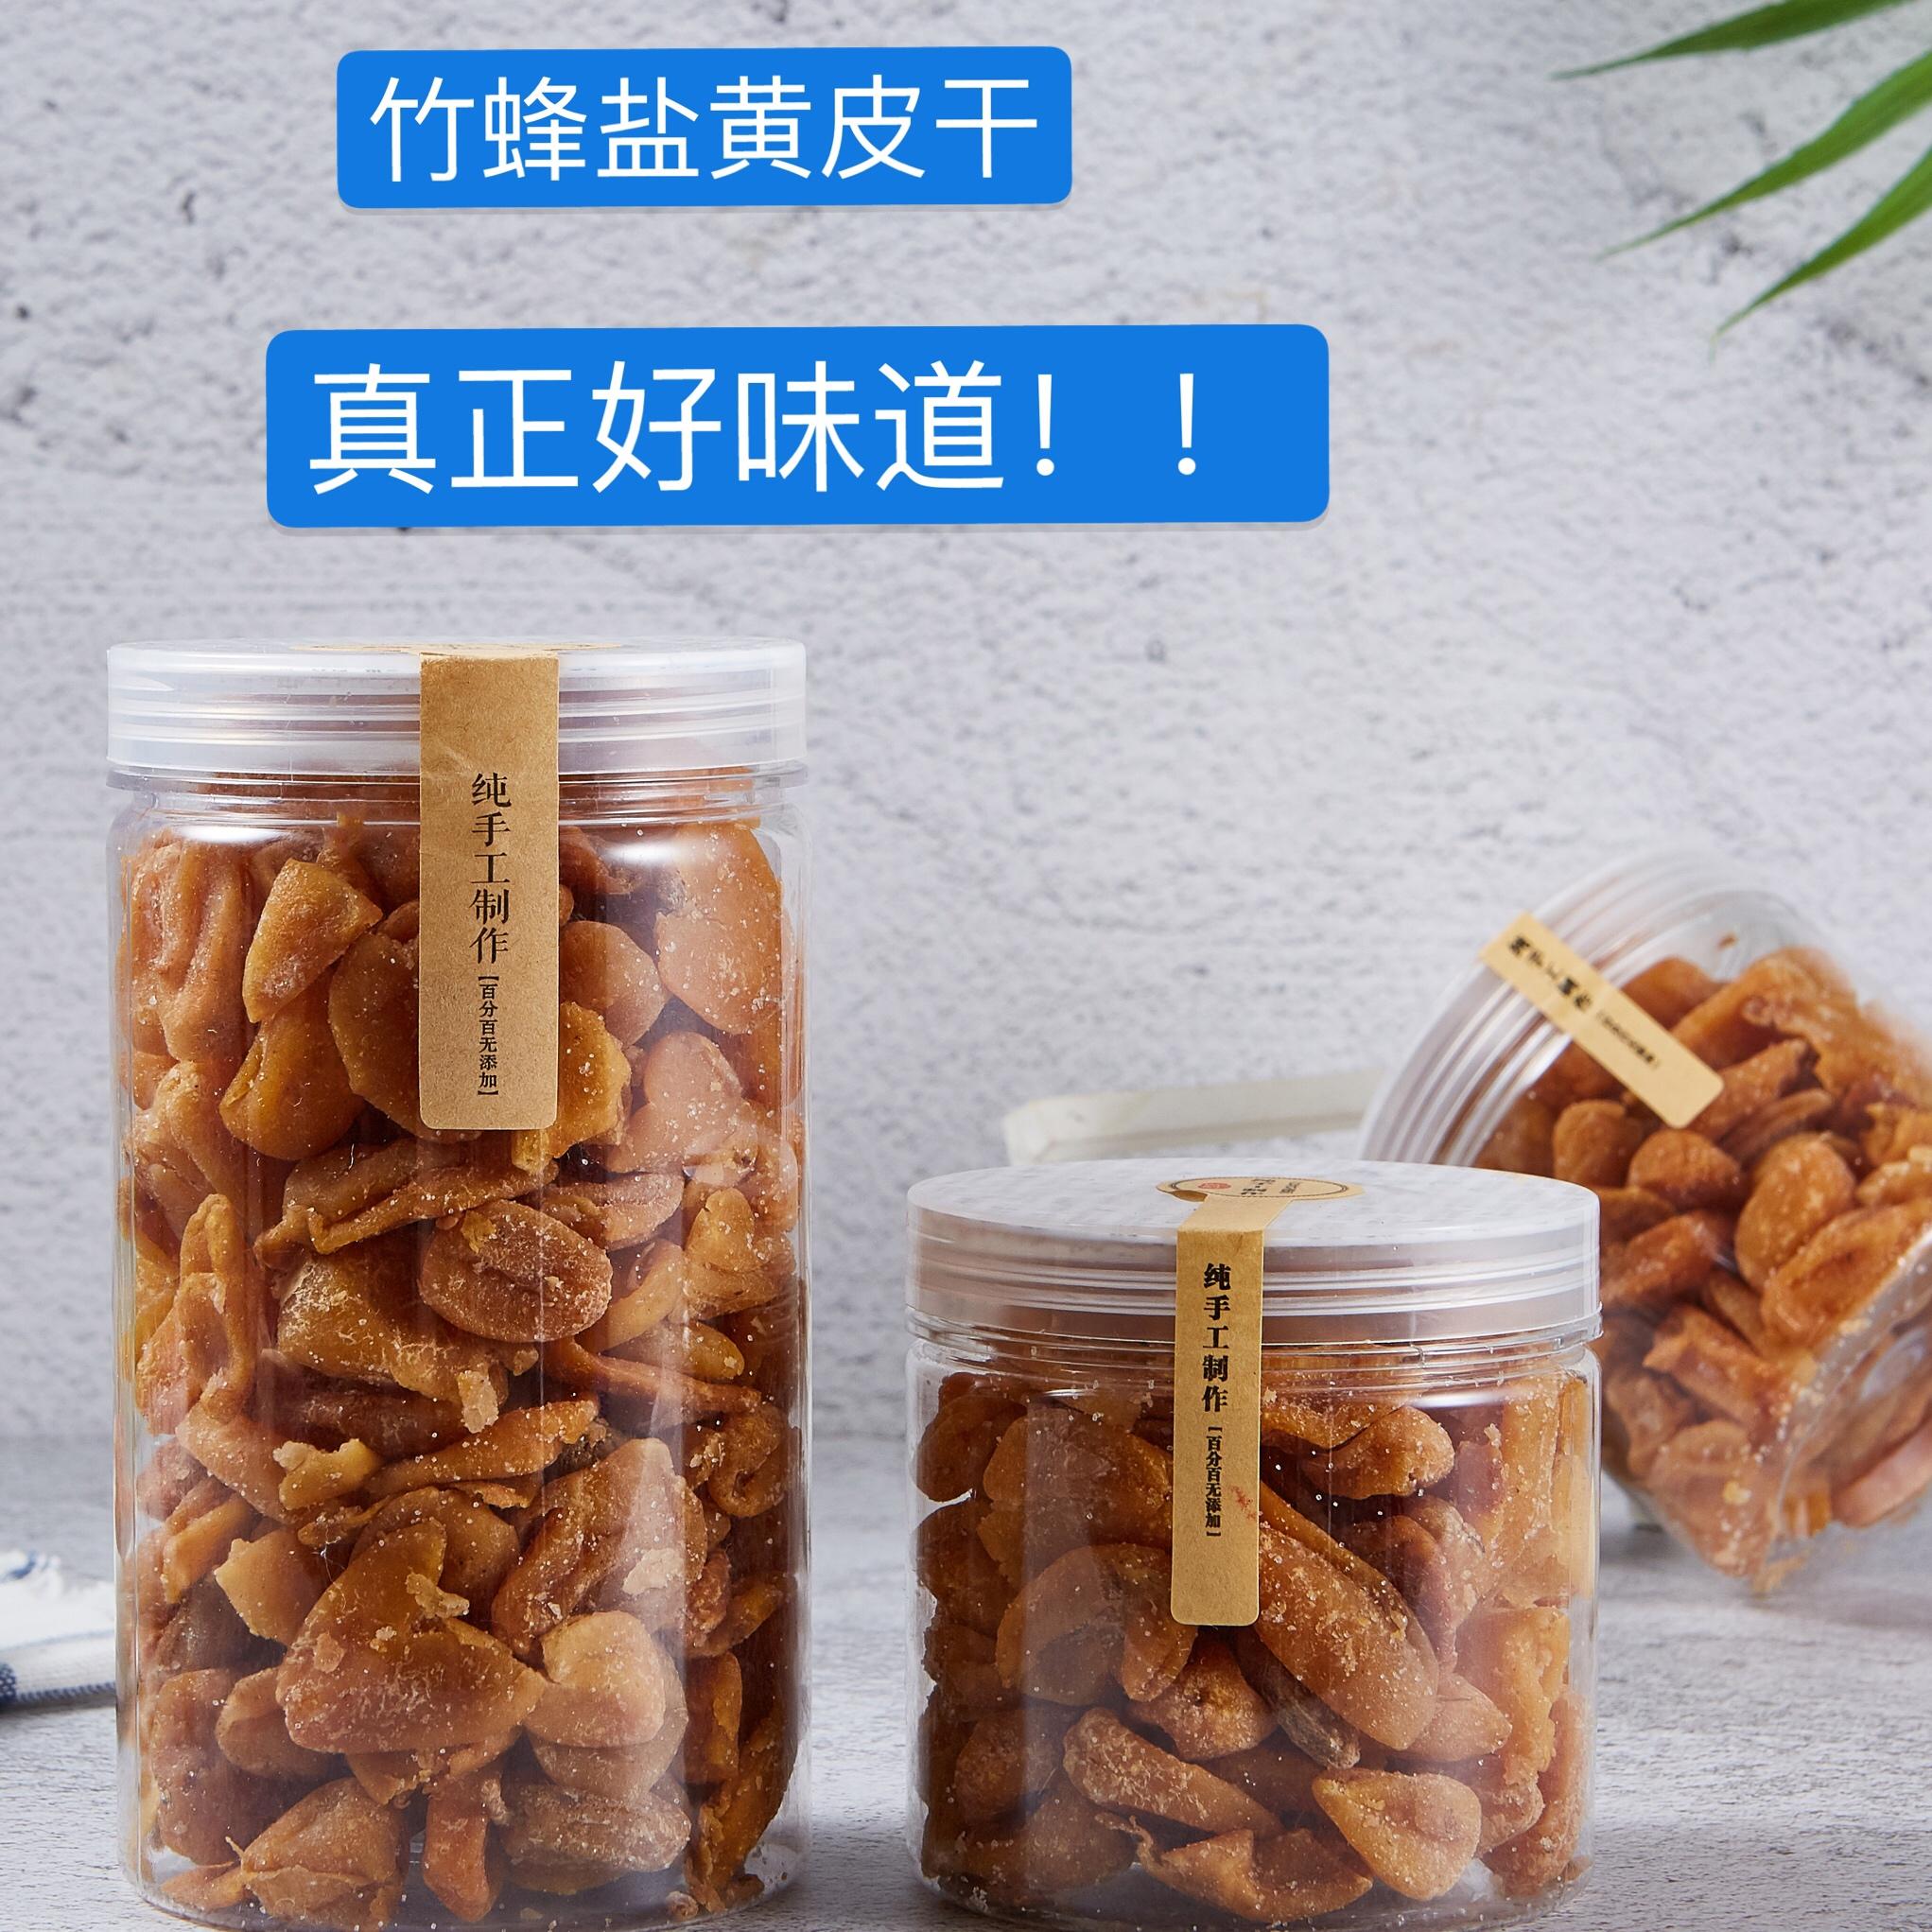 广东特产清远竹蜂盐干罐装无核黄皮